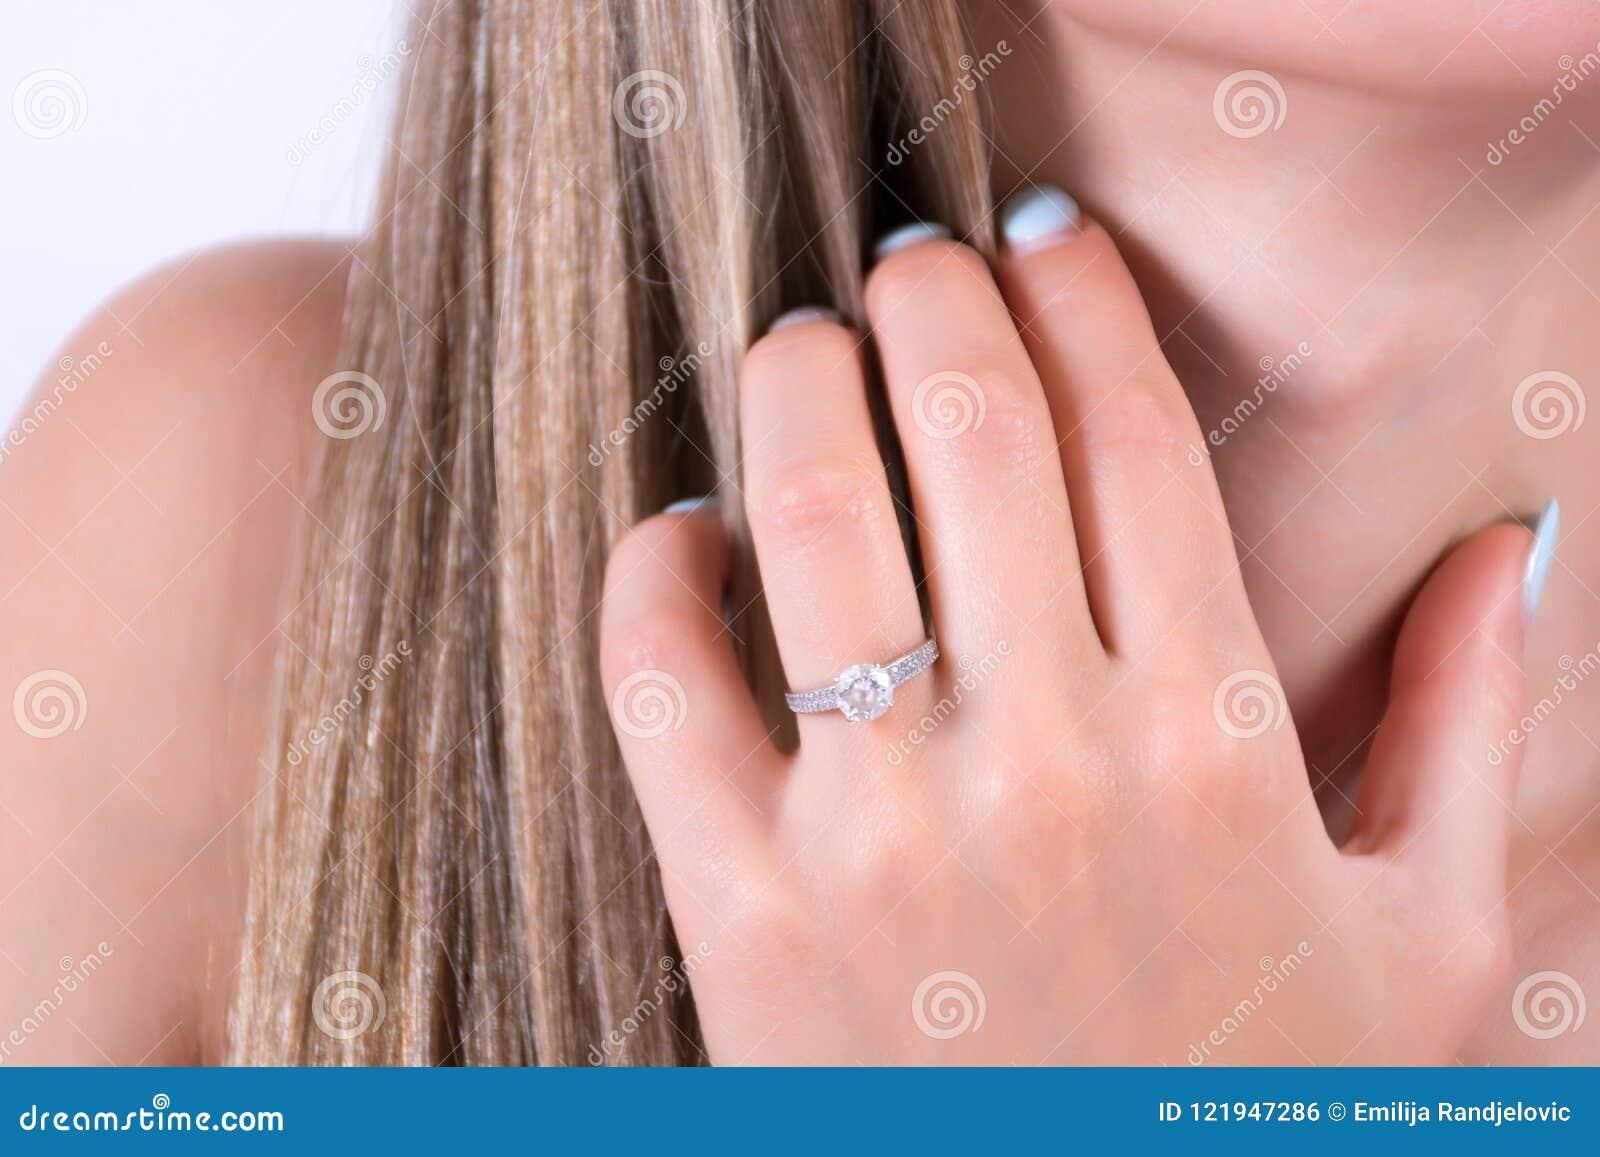 Молодая женская рука с обручальным кольцом захвата на пальце и рука держа в волосах